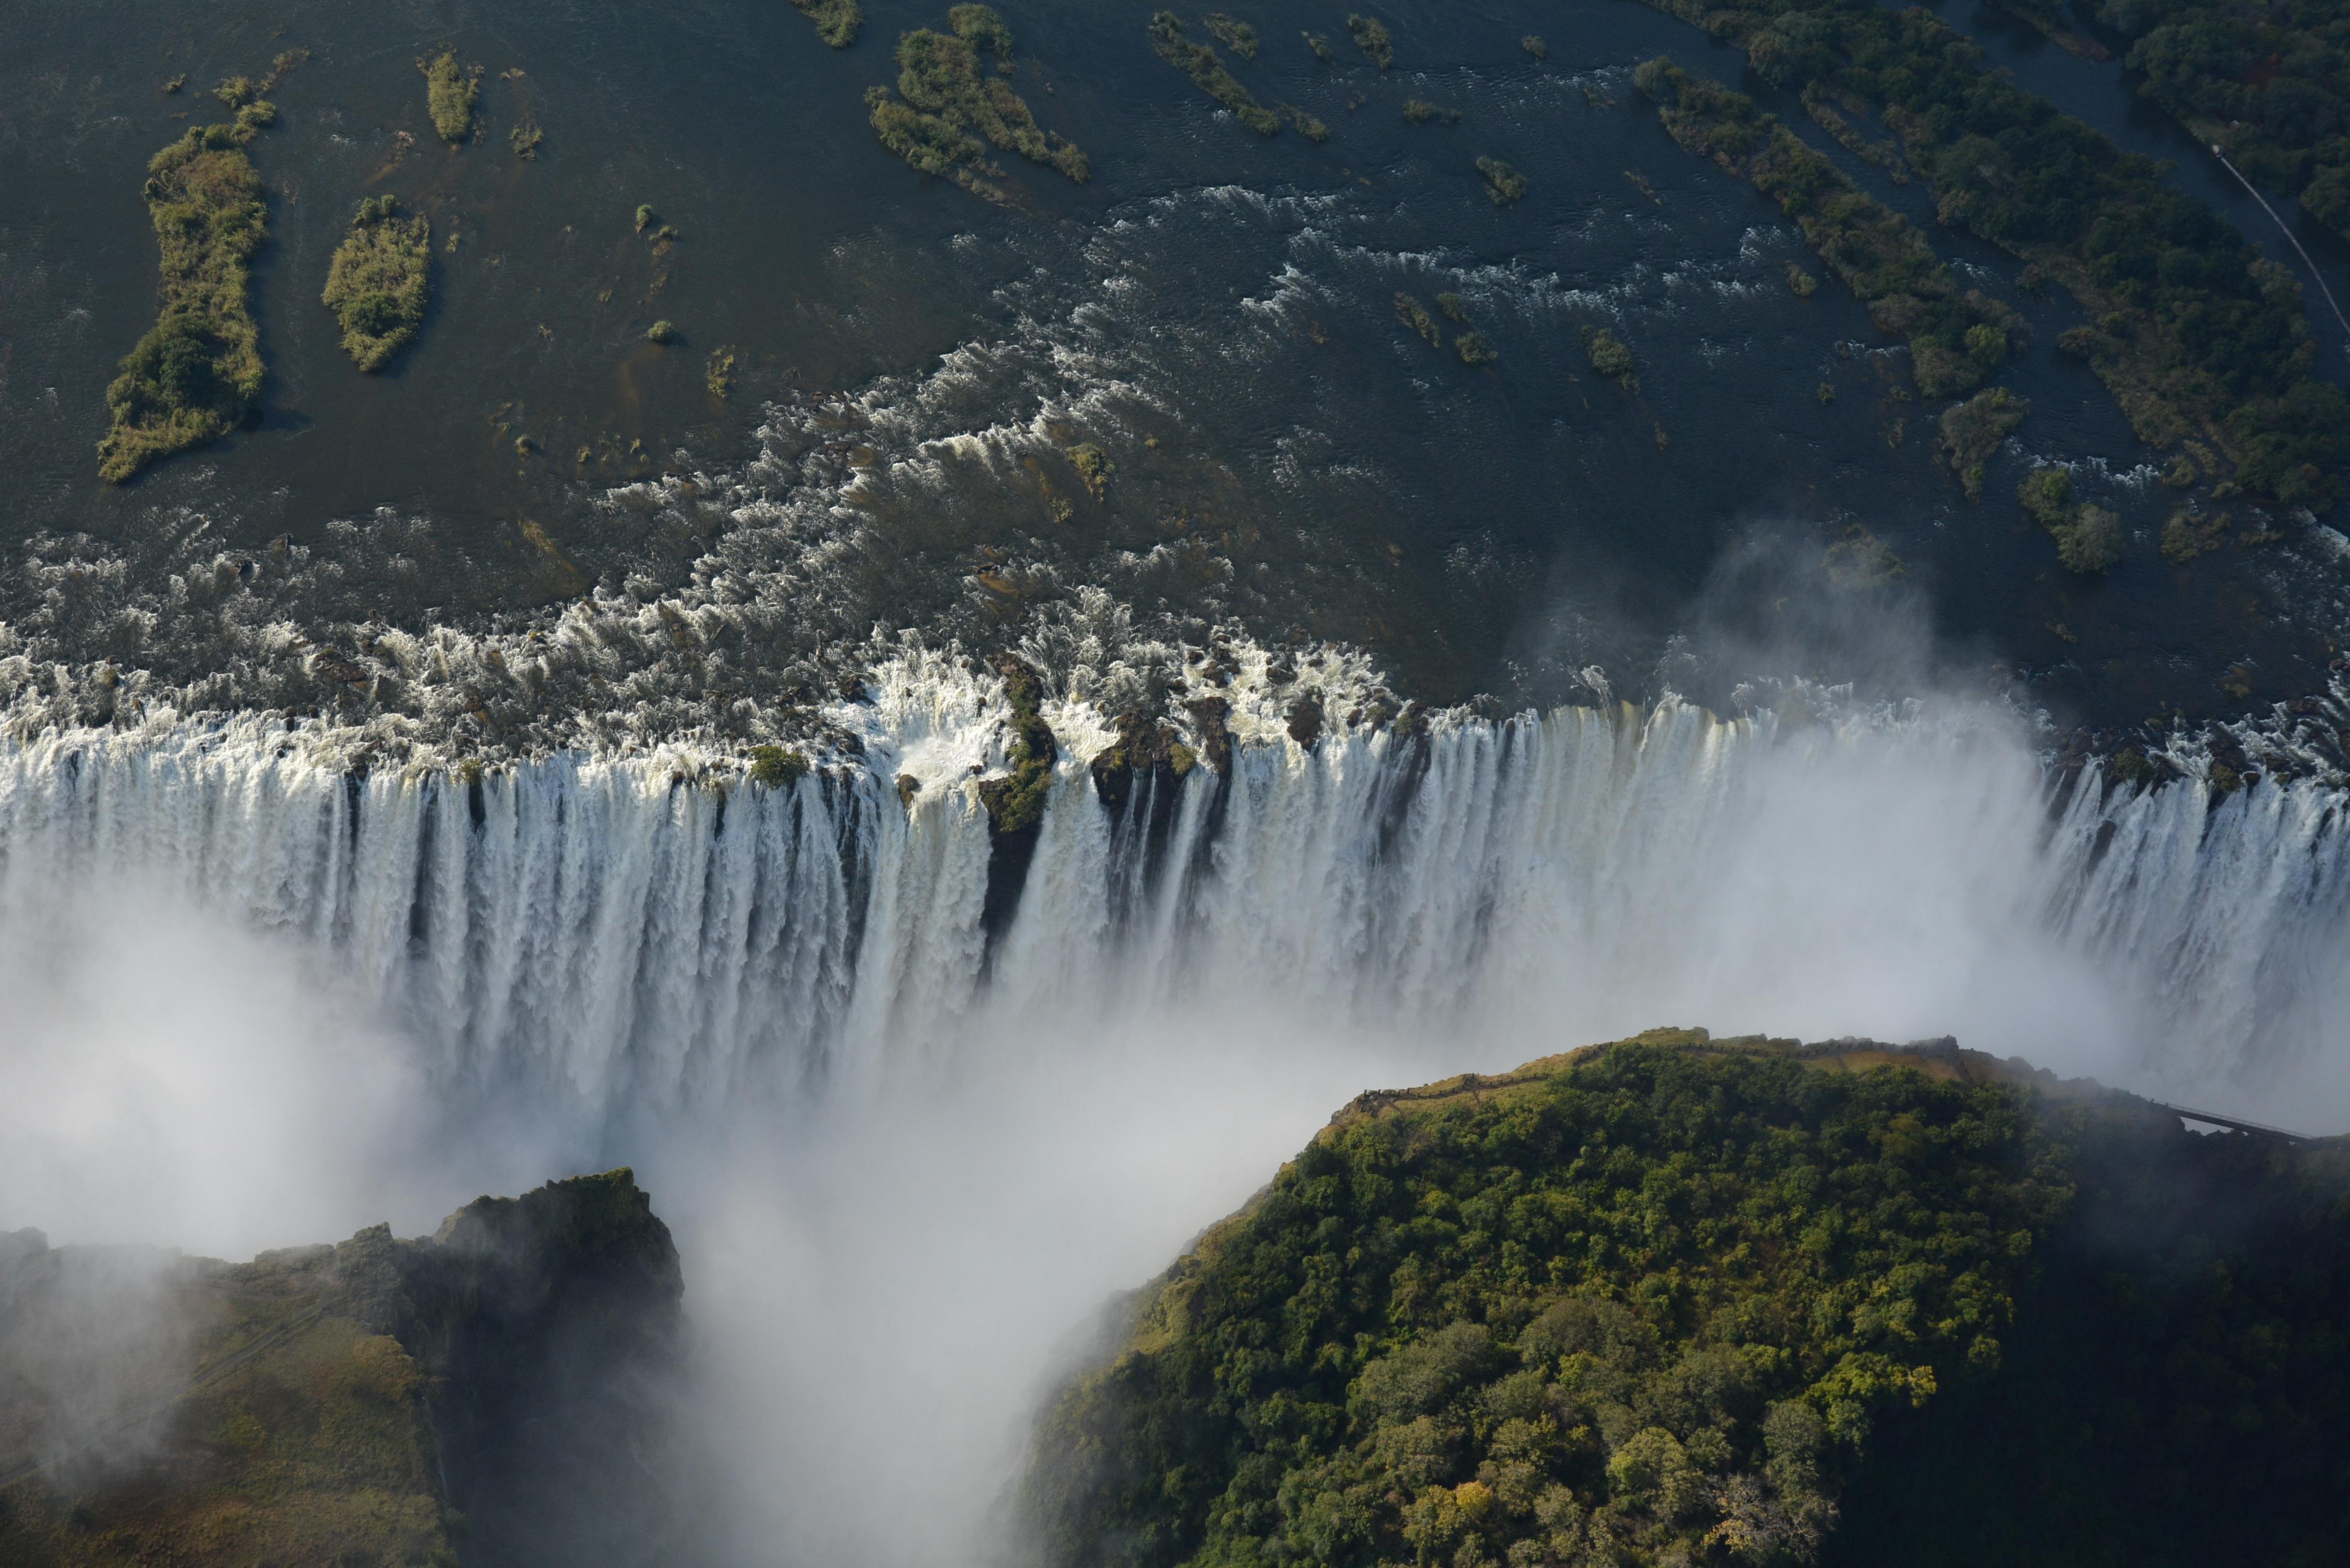 хотя интересные места африки картинки выбор